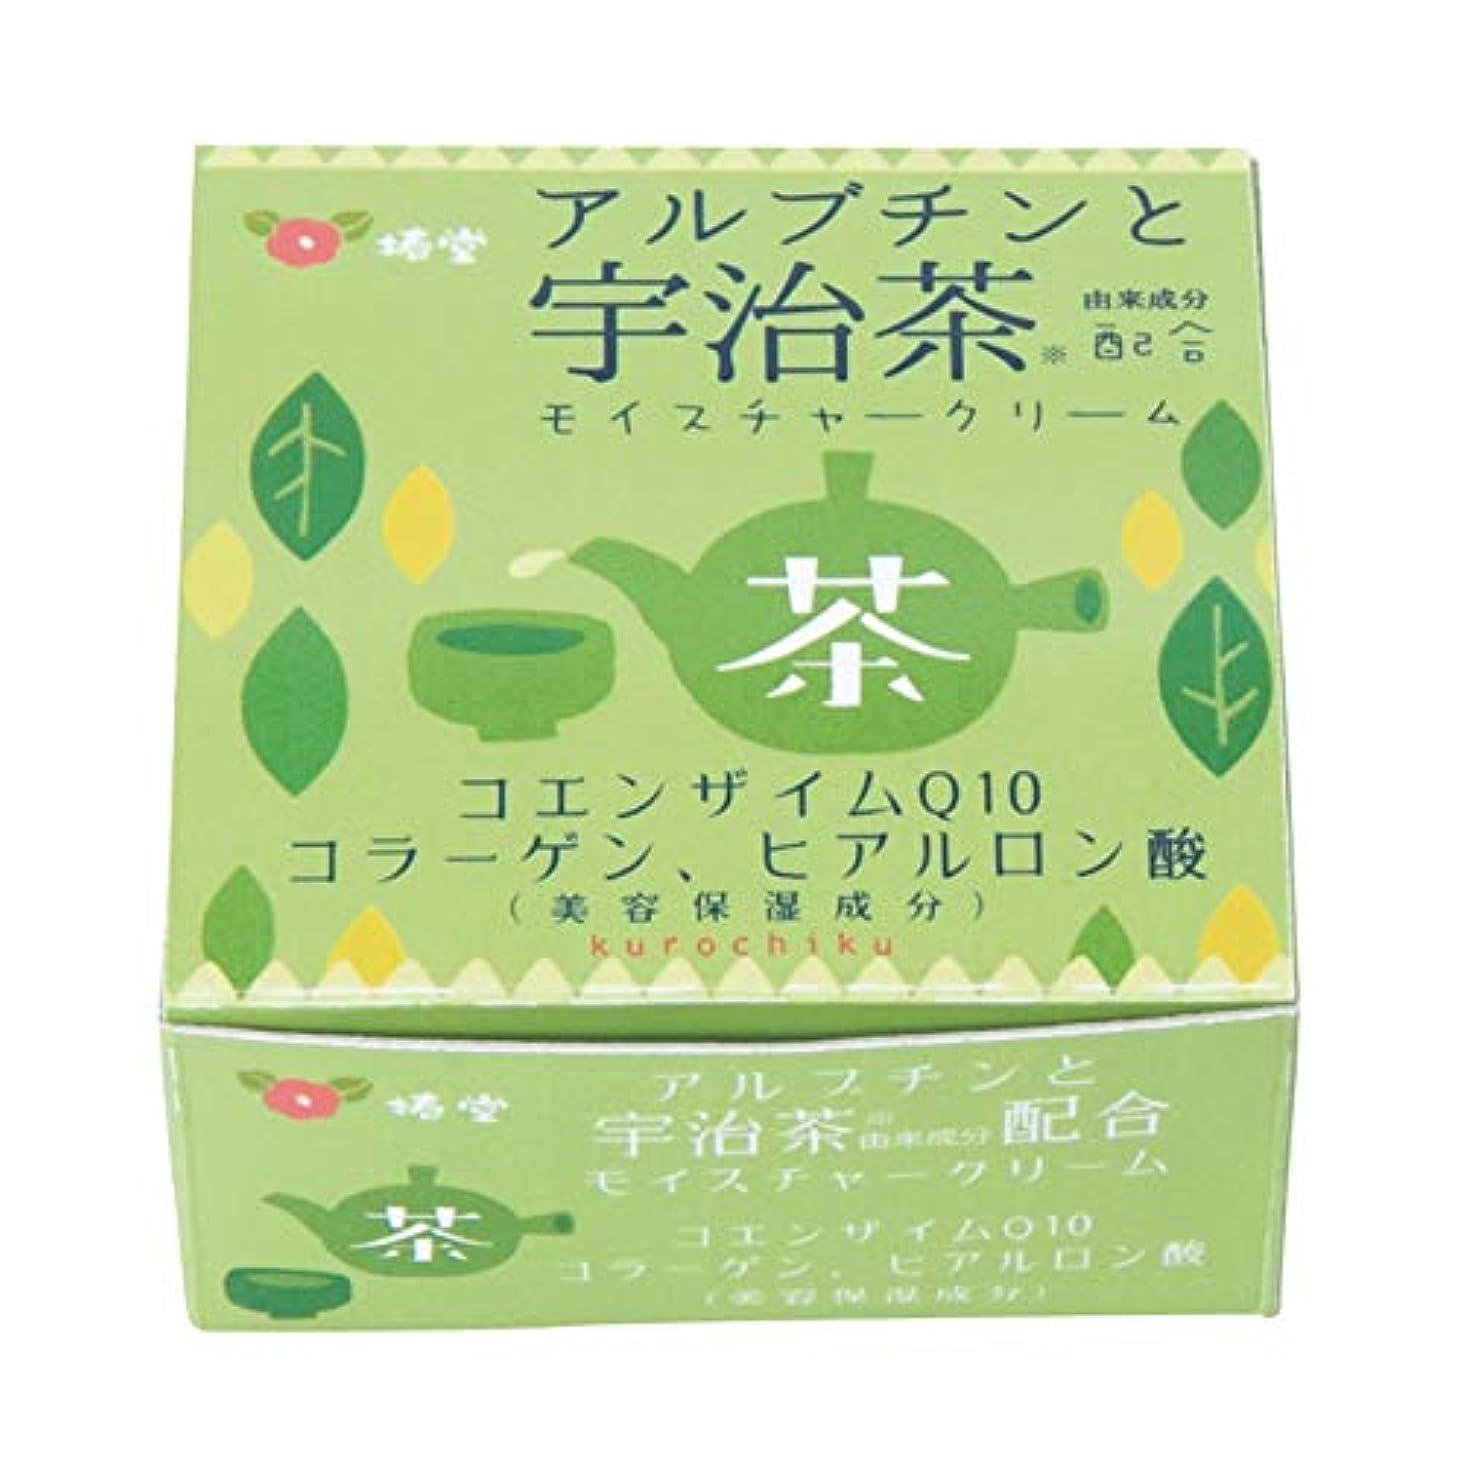 考える管理します建築家椿堂 宇治茶モイスチャークリーム (アルブチンと宇治茶) 京都くろちく